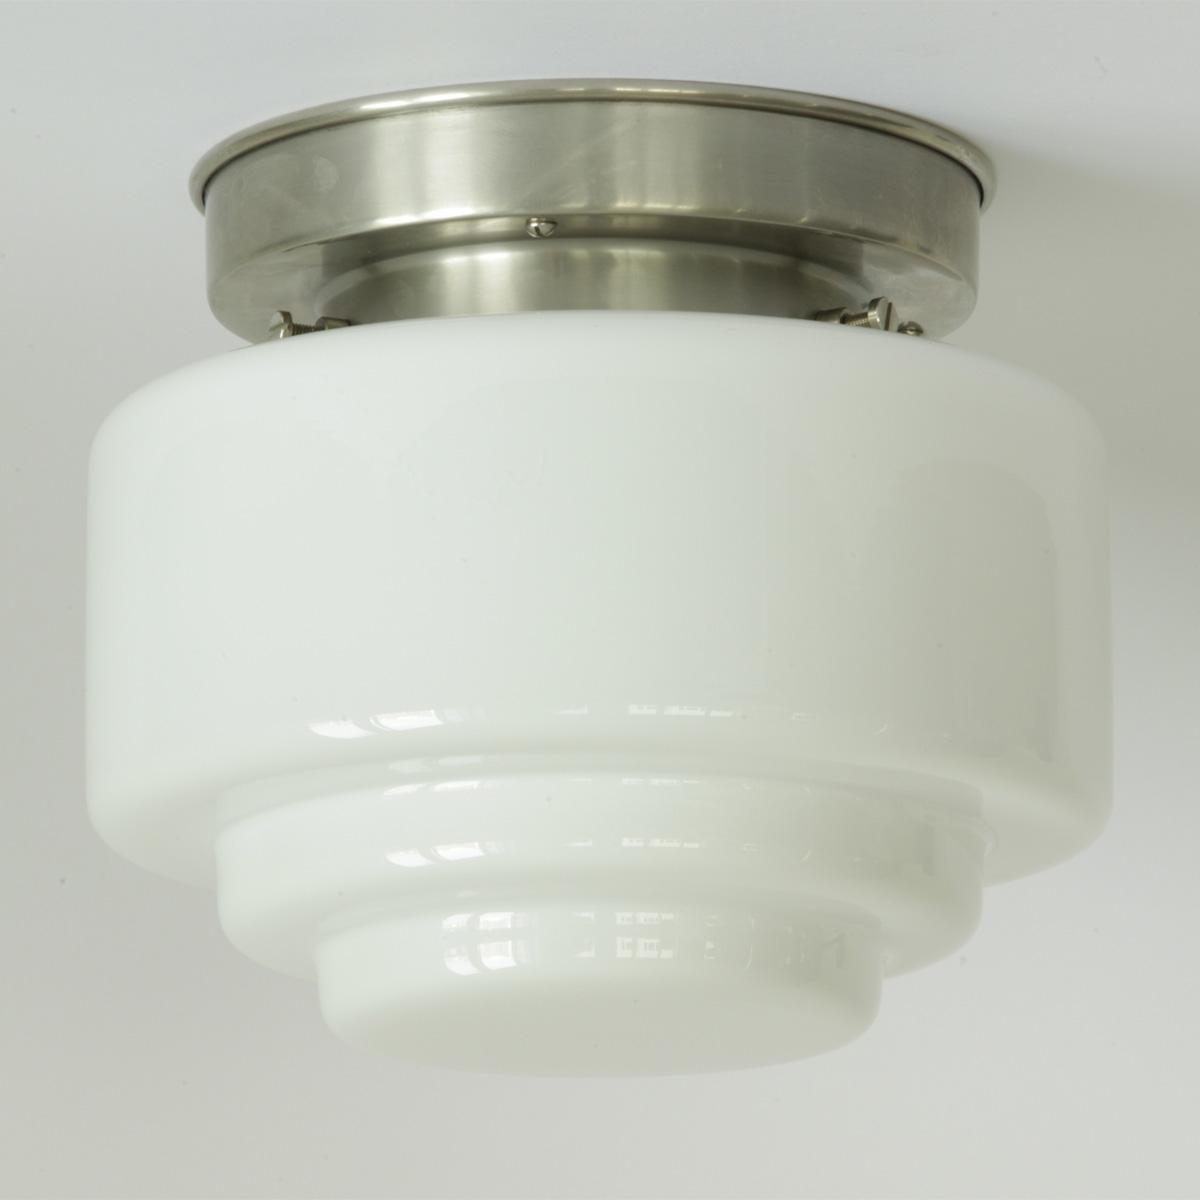 gro e deckenleuchte mit breitem gestuften opal zylinderglas 20 24 30 34 cm casa lumi. Black Bedroom Furniture Sets. Home Design Ideas